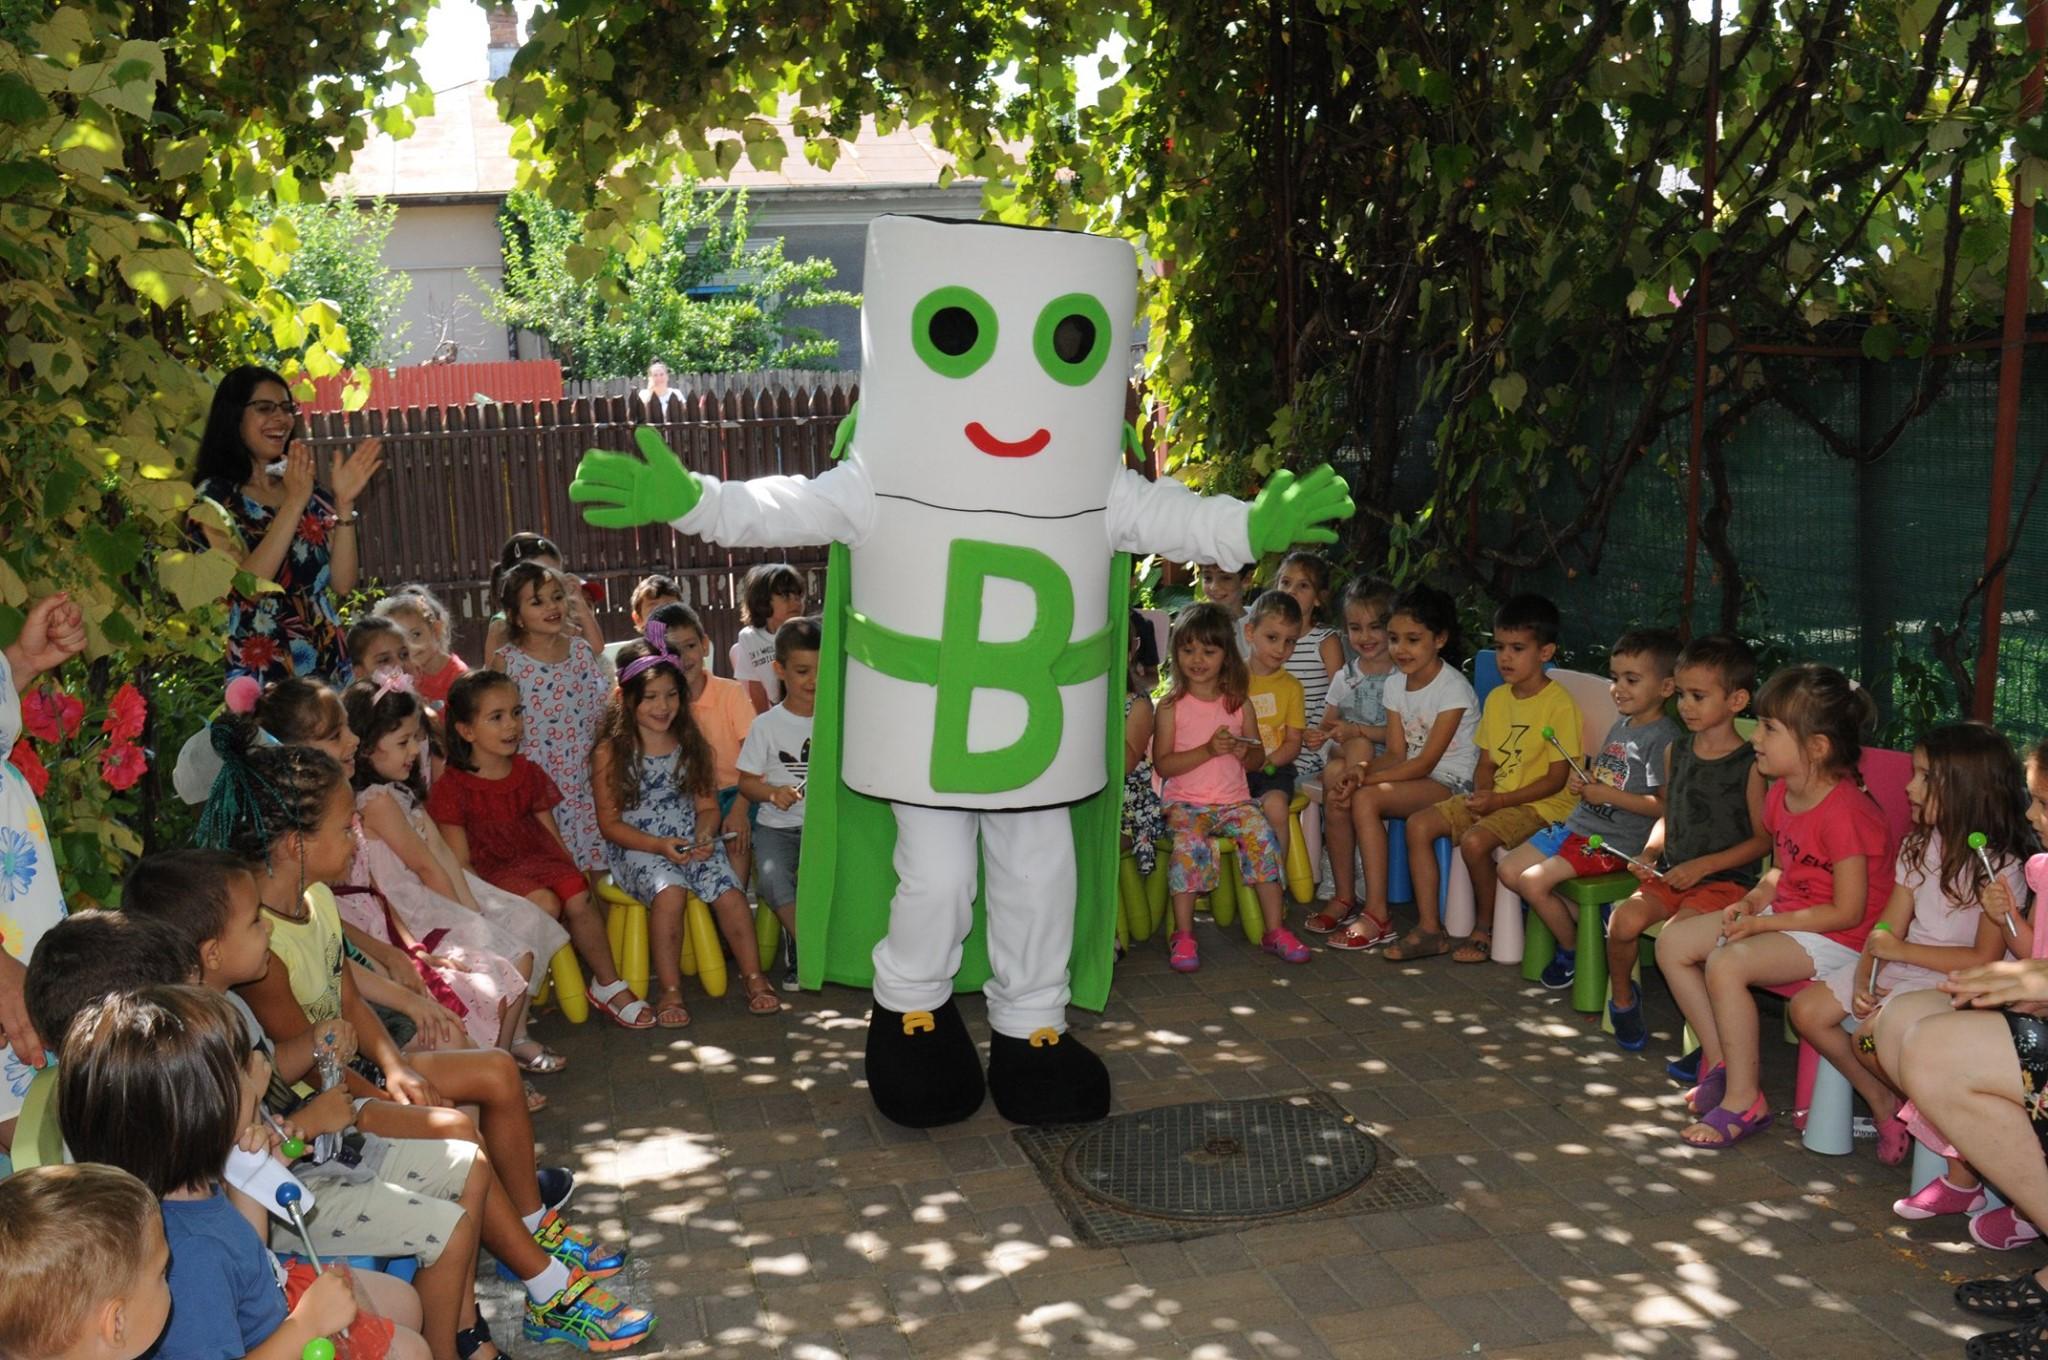 Environ și SNRB lansează un nou proiect educațional prin care îi învață pe copii să protejeze mediul